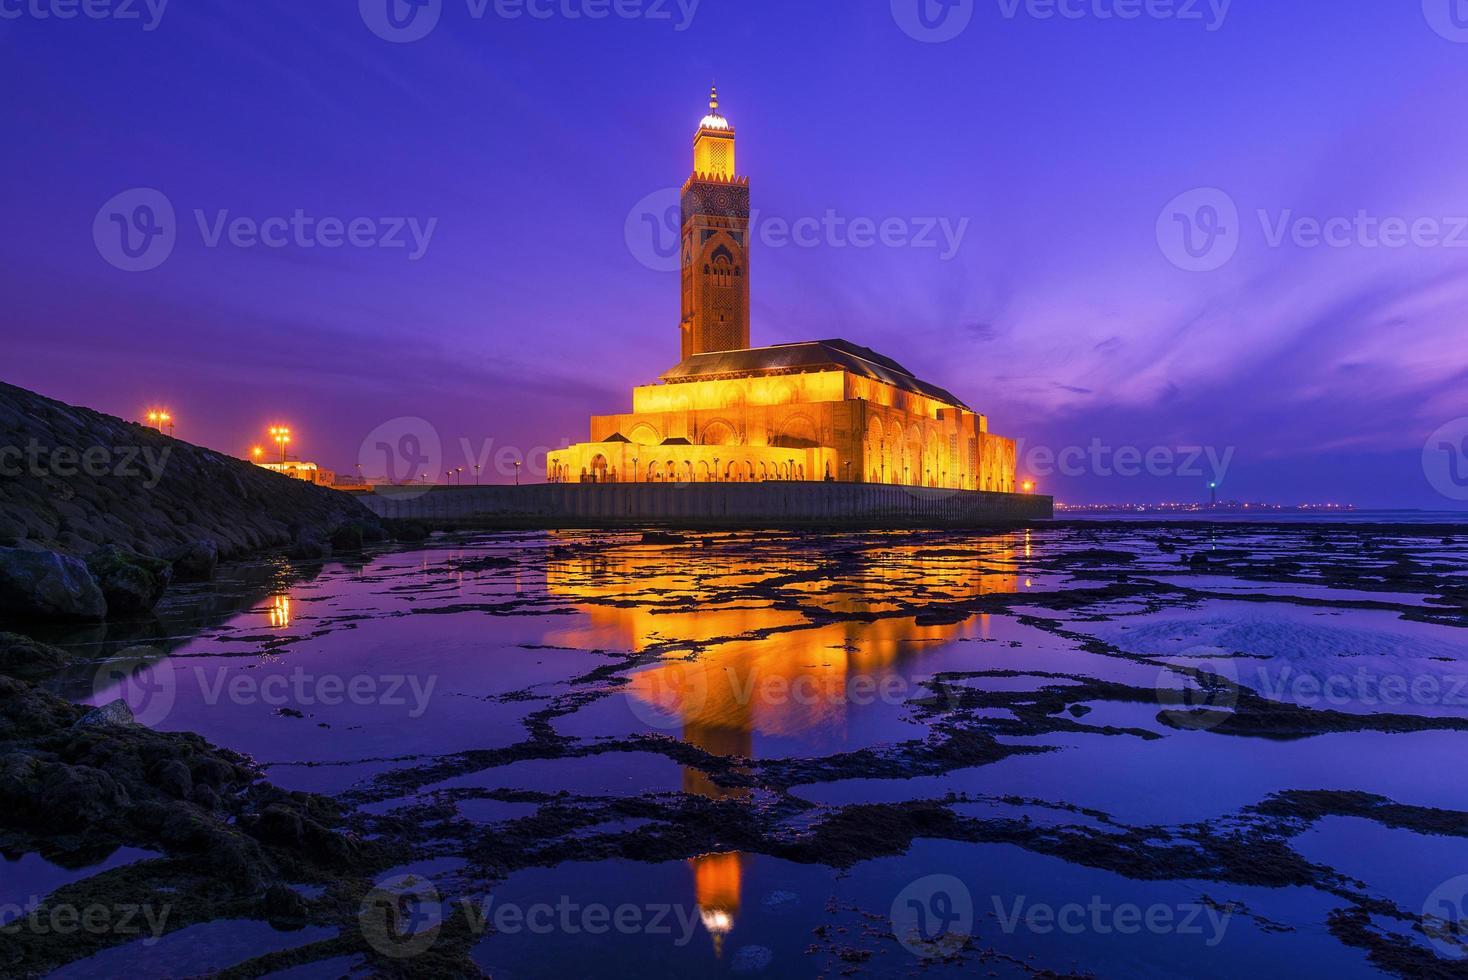 Mosquée hassan ii pendant le coucher du soleil à casablanca, maroc photo